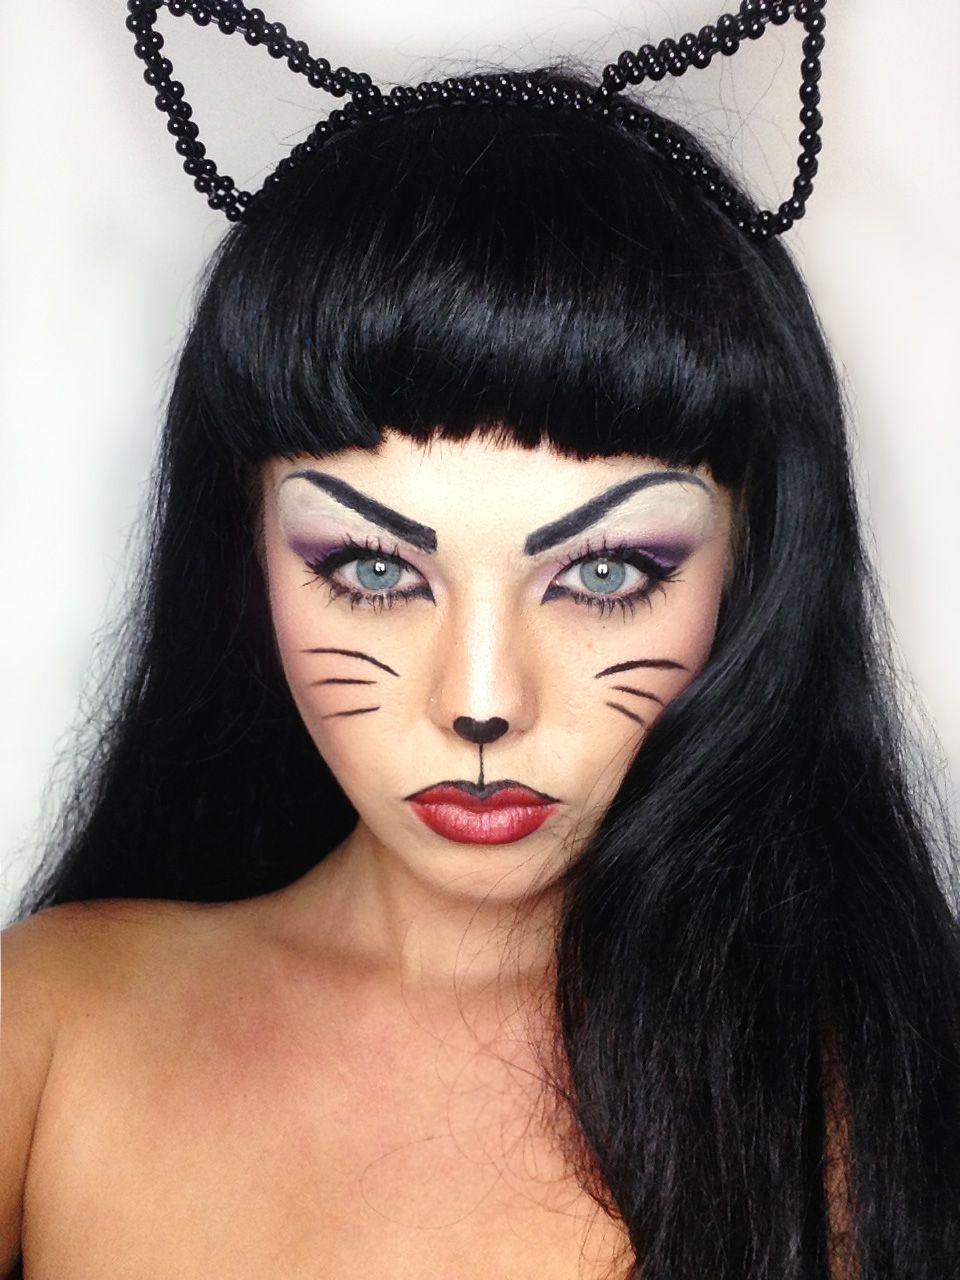 Mia. My cat makeup for halloween Twitter miakennington